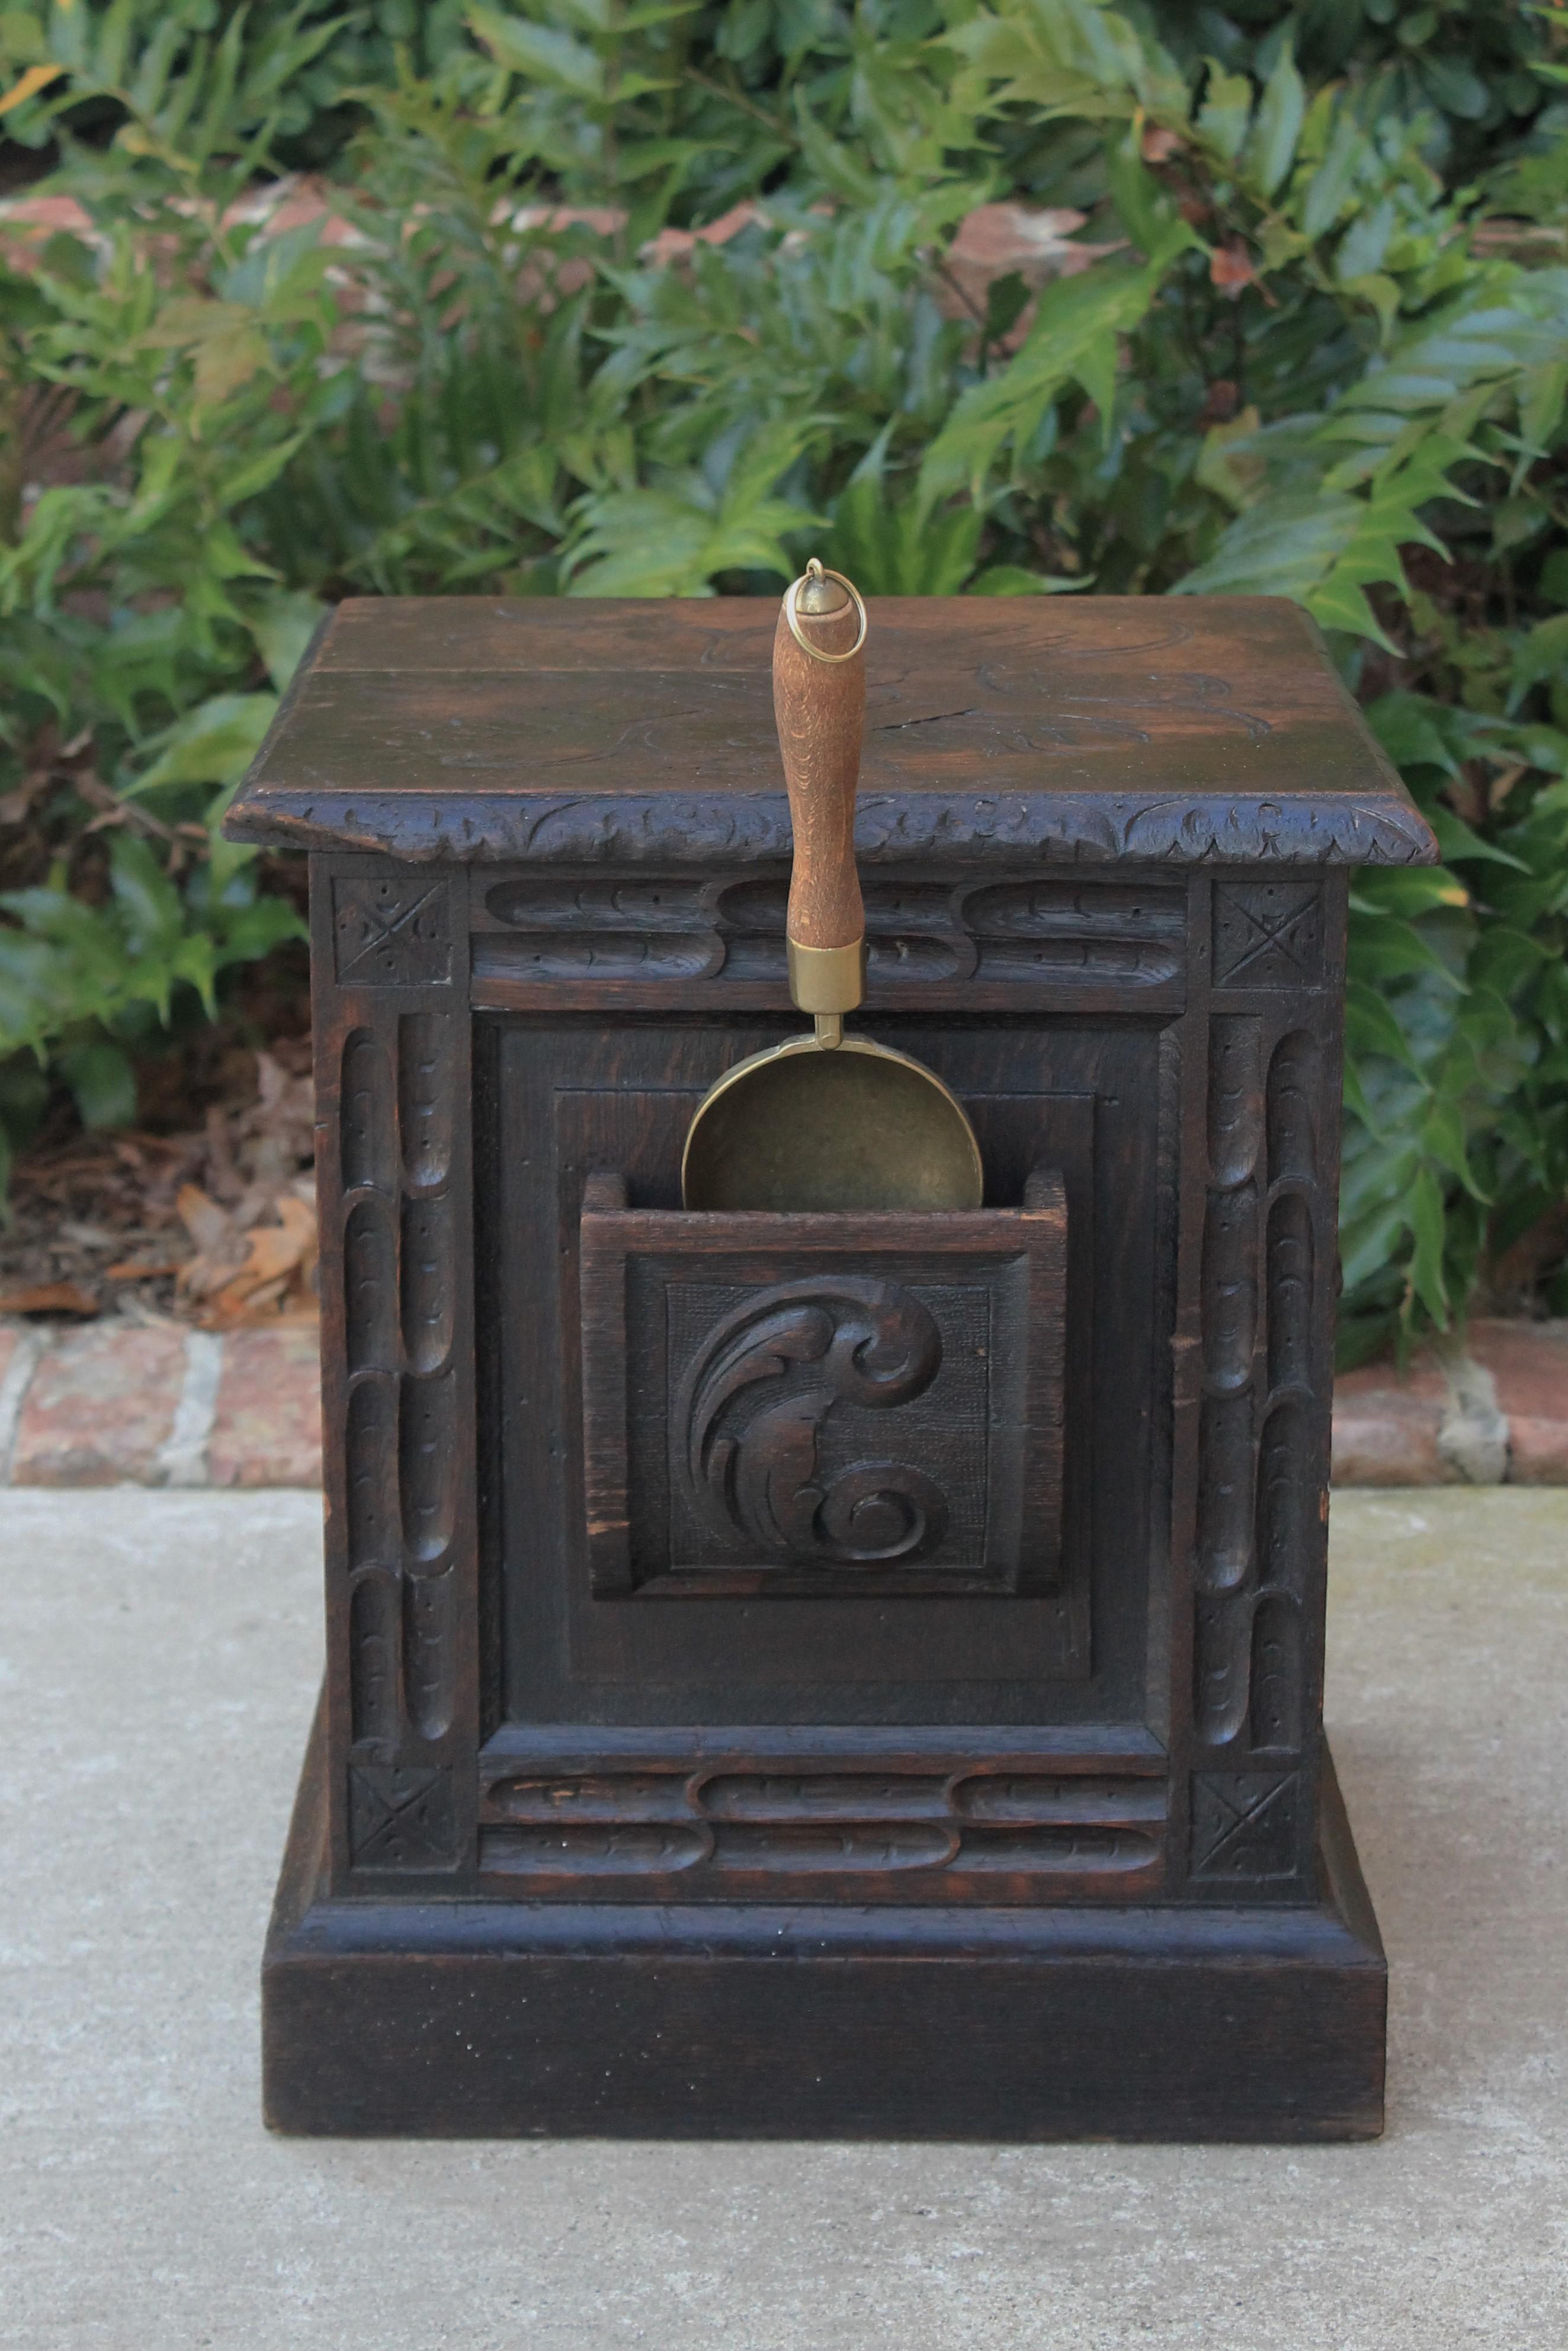 BLUE Coal Hod Scuttle Fuel Wood Fireplace Trendy Metal Bucket Handles Steel